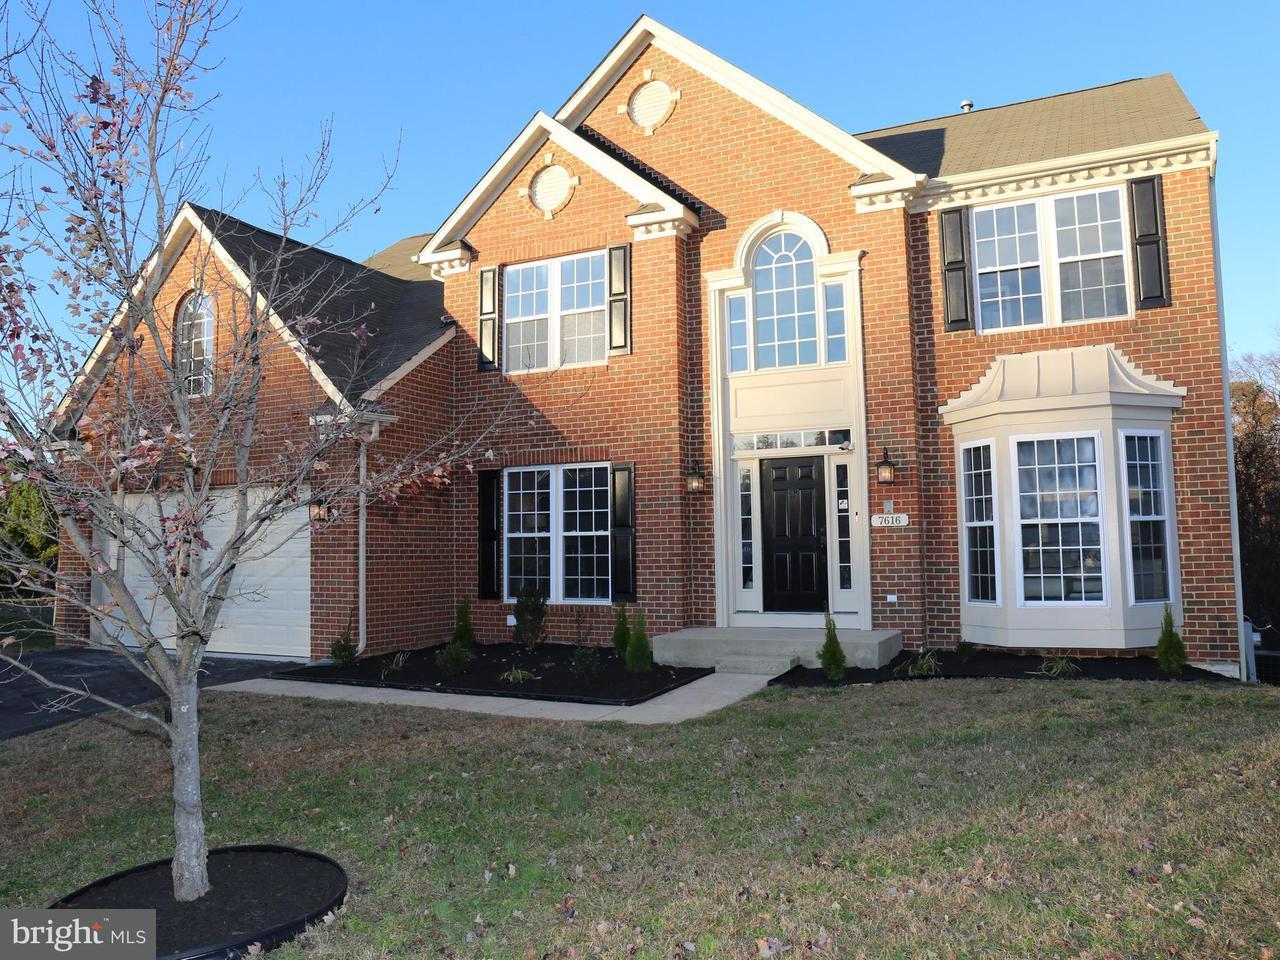 一戸建て のために 売買 アット 7616 FOXTRAIL Court 7616 FOXTRAIL Court Hanover, メリーランド 21076 アメリカ合衆国